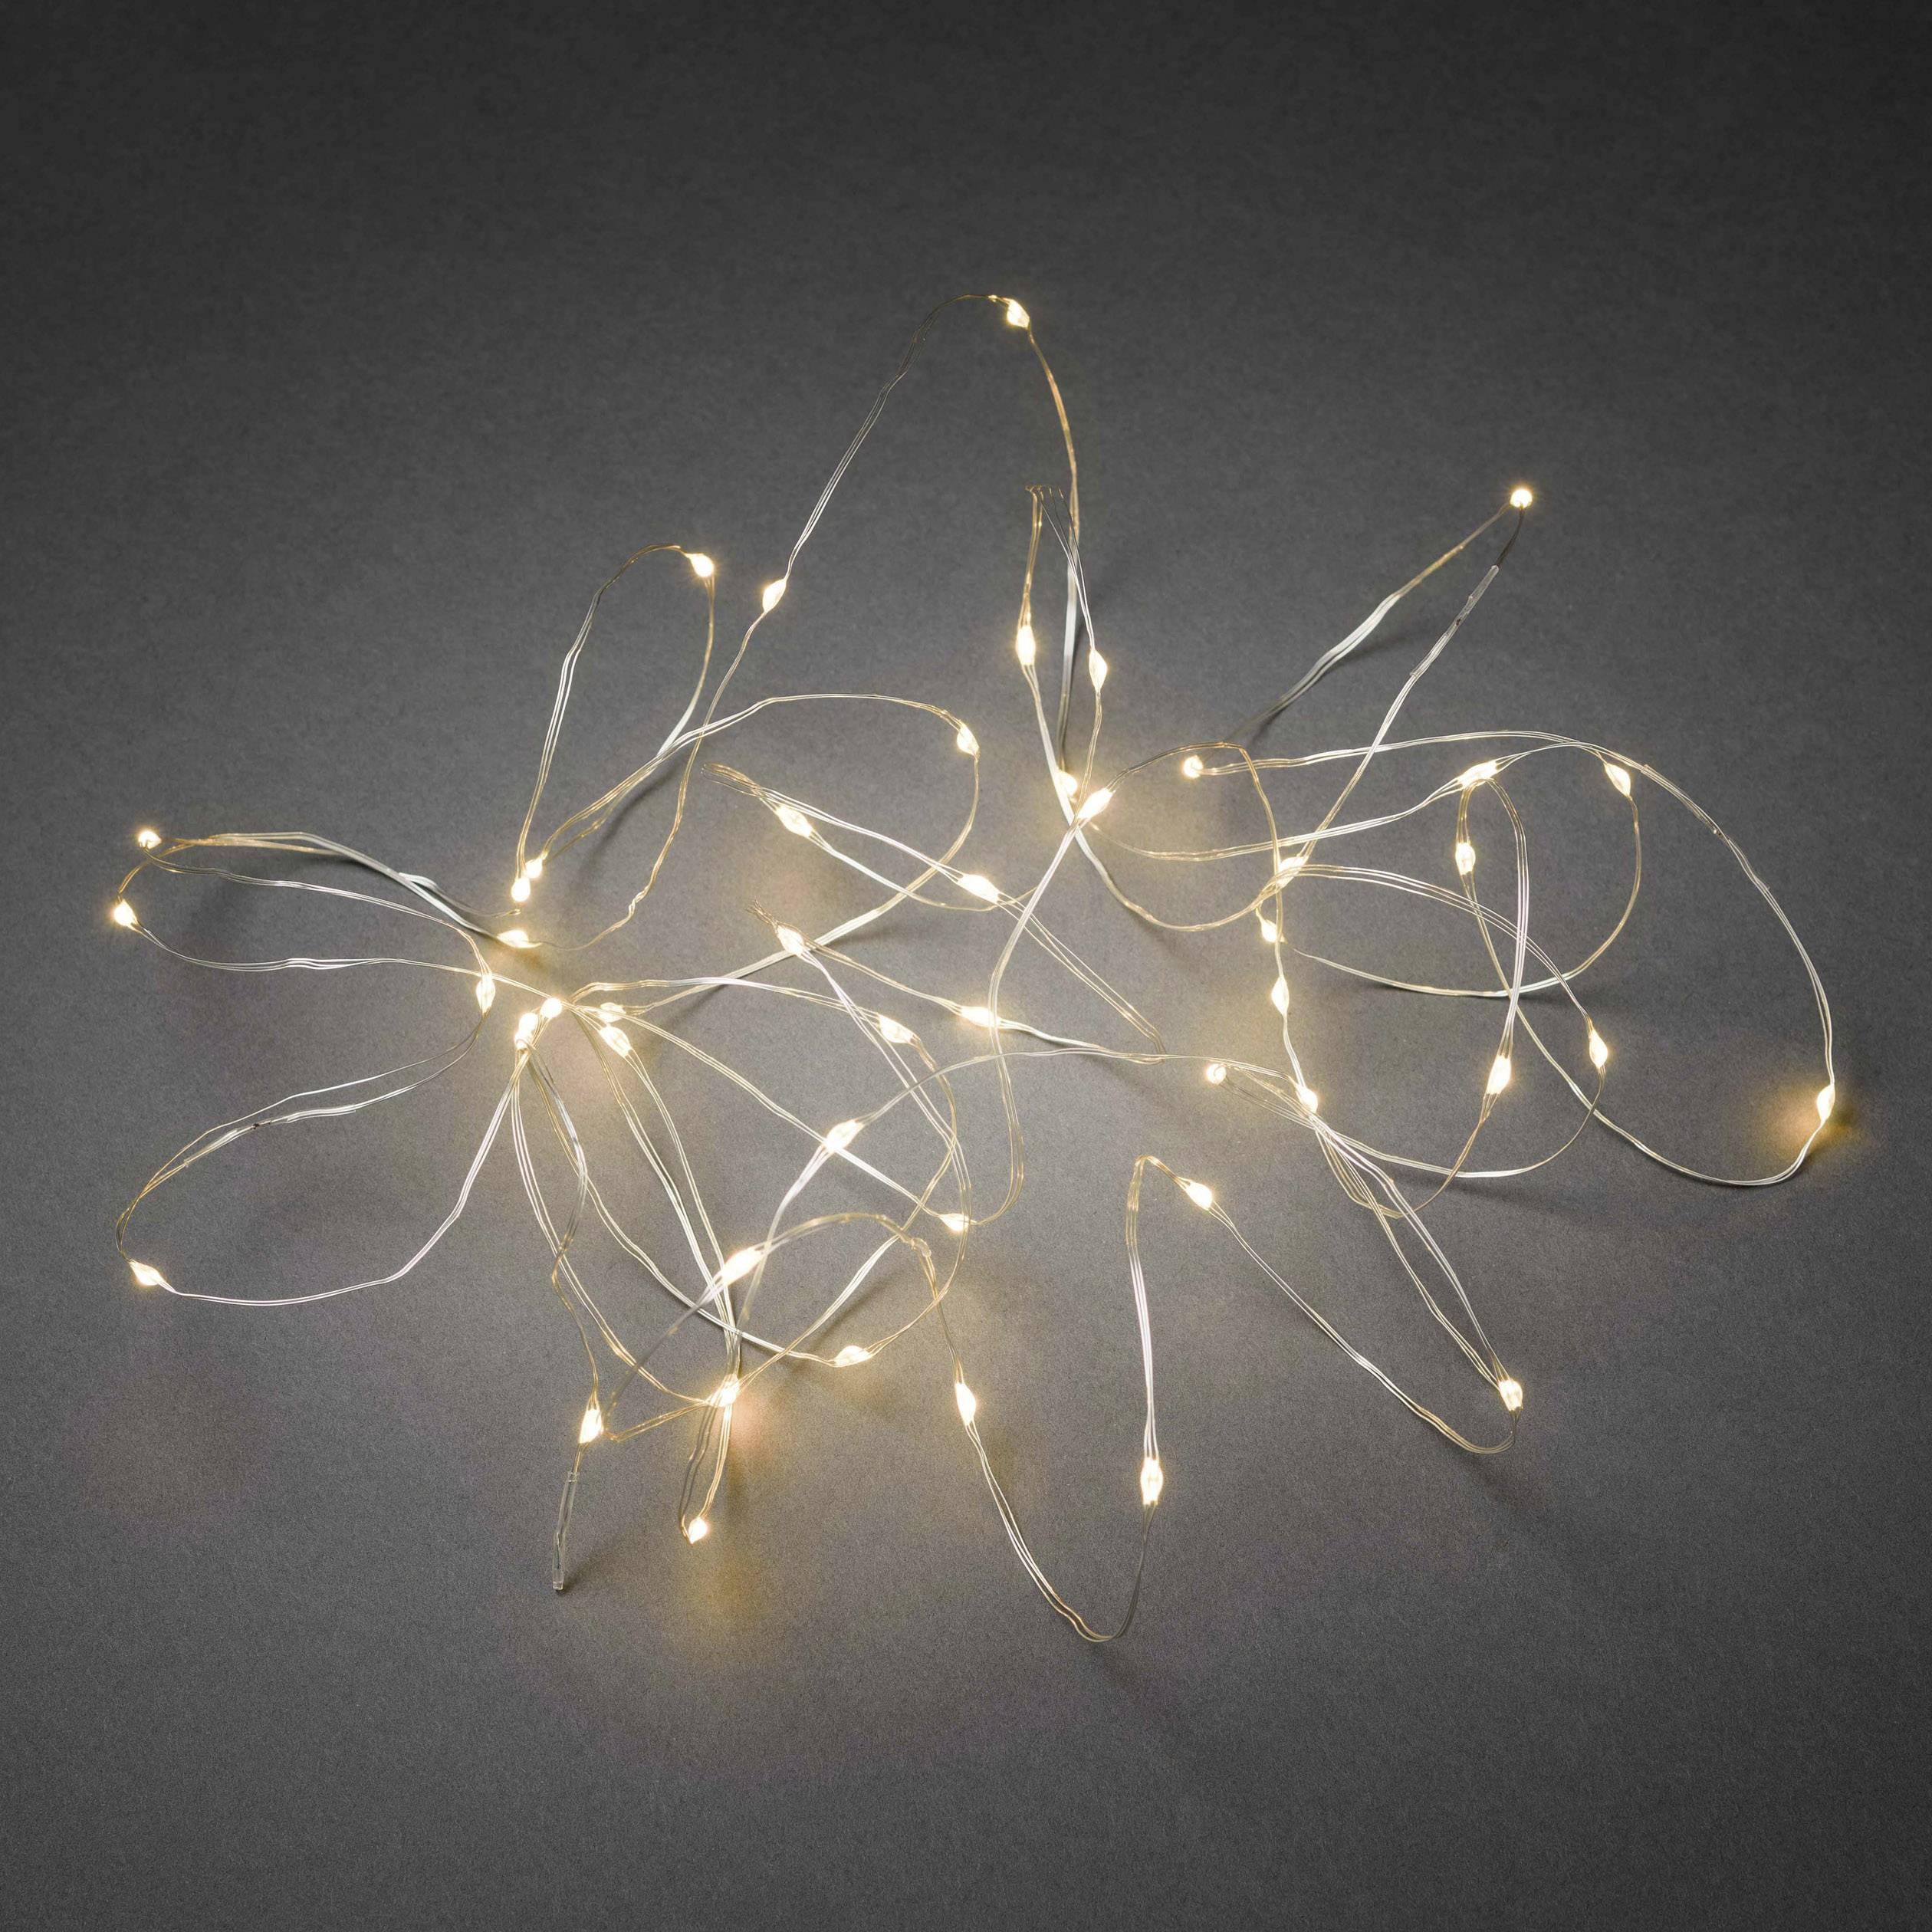 izdelek-konstsmide-6597-879-mikro-svetlobna-zavesa-z-nadzorom-preko